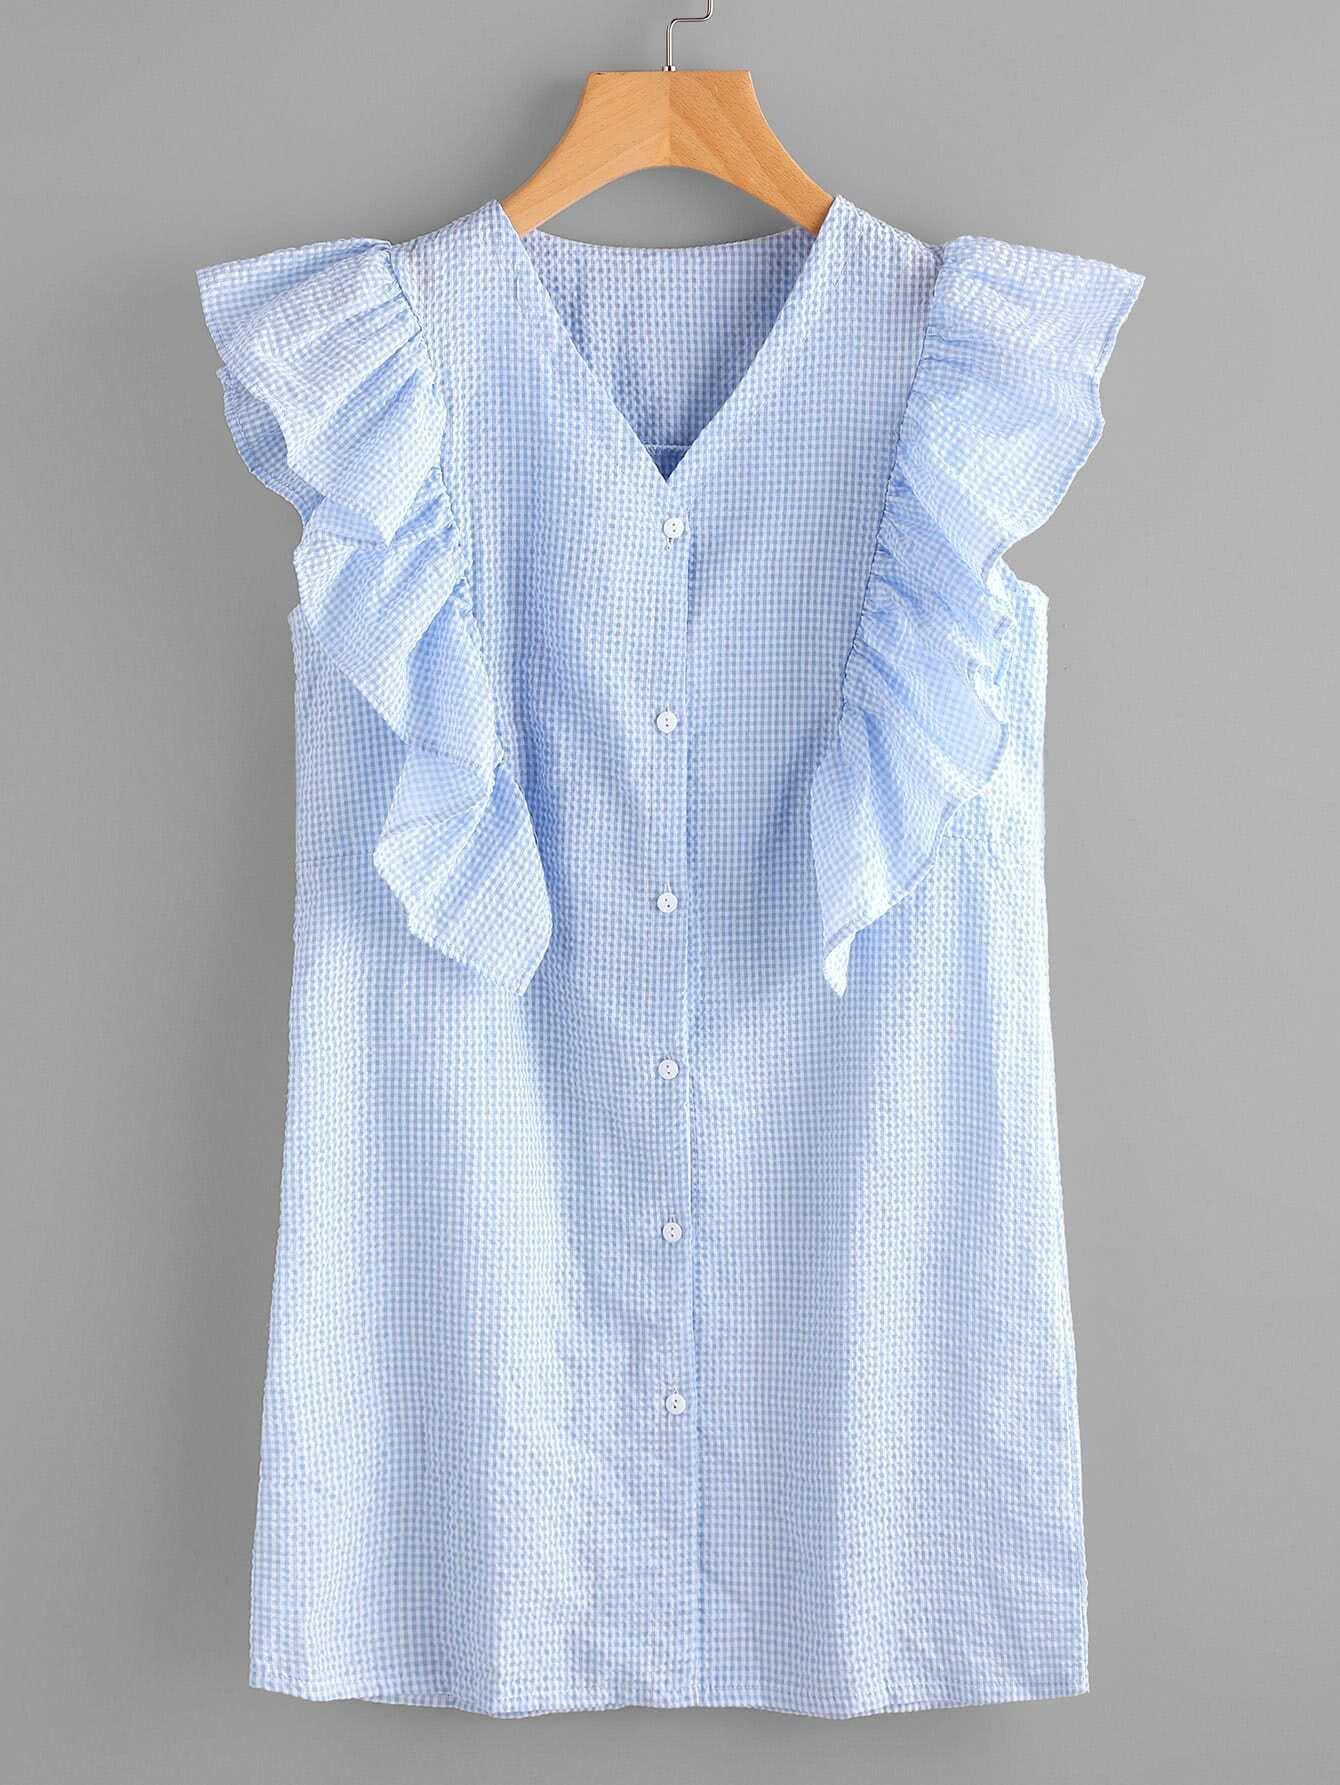 Фото Gingham Frill Trim Shirt Dress. Купить с доставкой